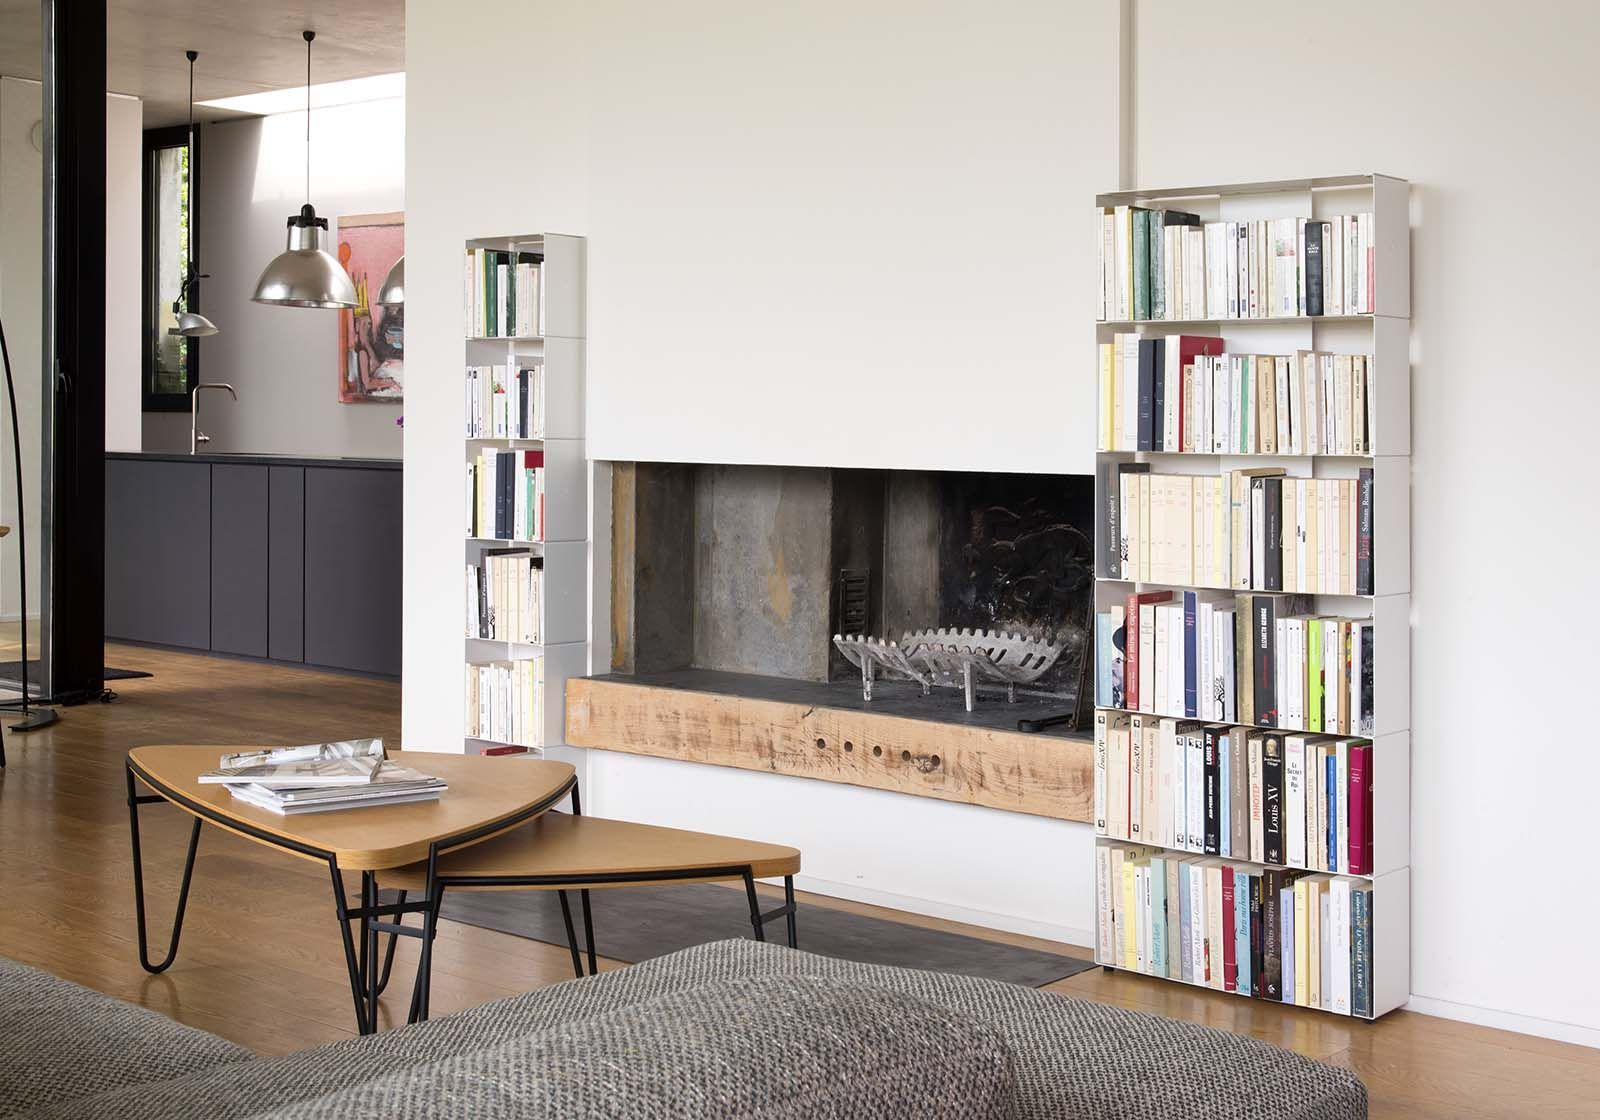 Libreria Profondità 15 Cm libreria arredamento 60 cm - metallo bianco - 2 livelli